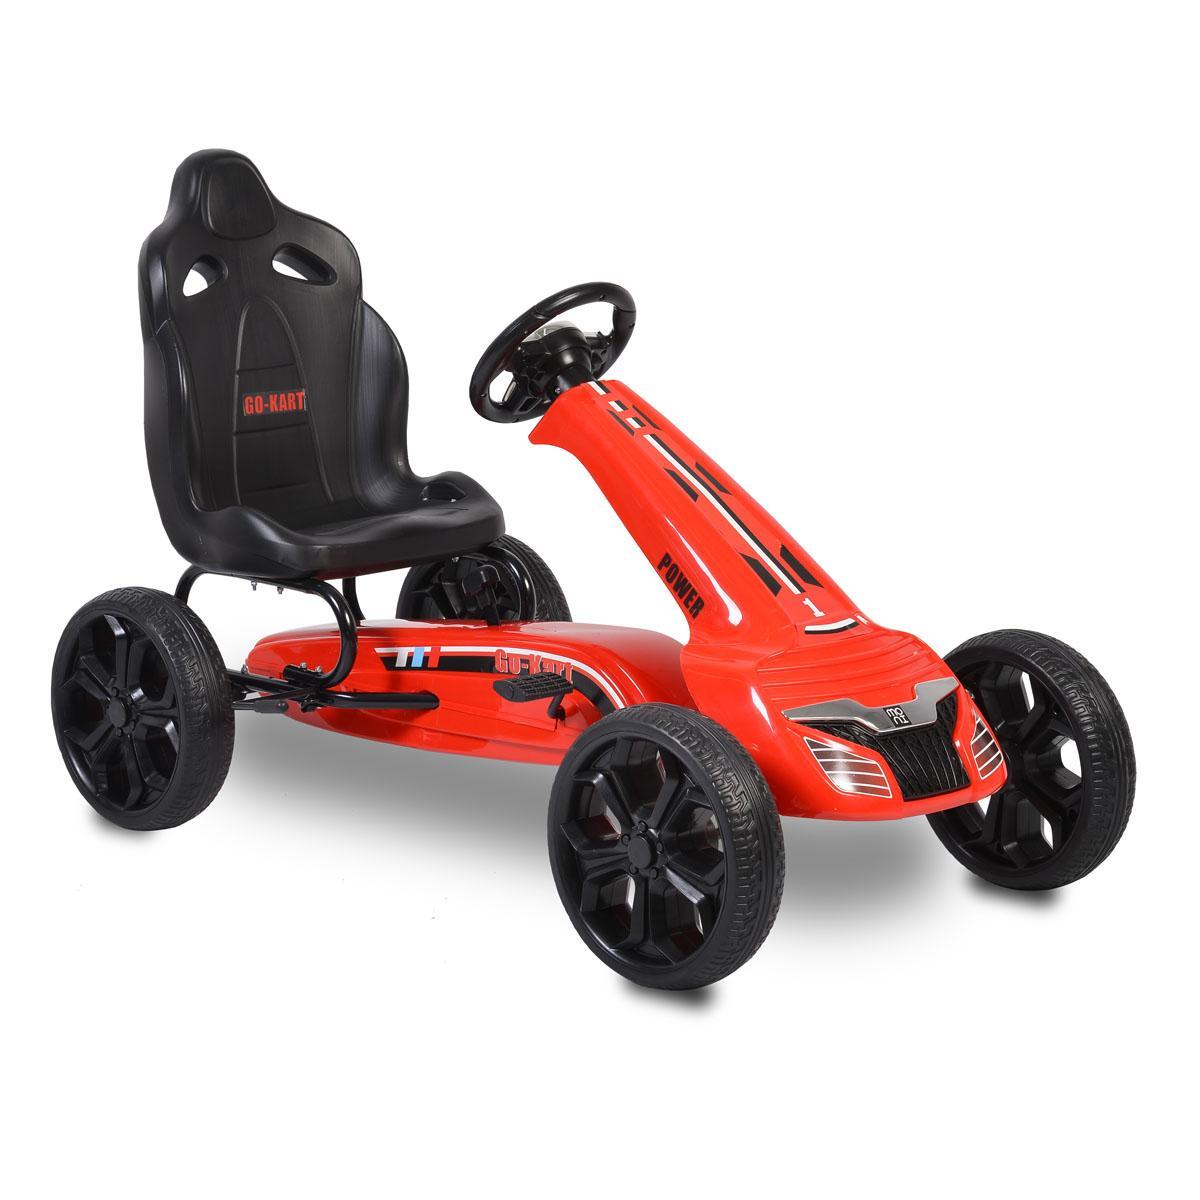 Παιδικό αυτοκινητάκι με πετάλια Go Cart Olympus red TL6988A Cangaroo